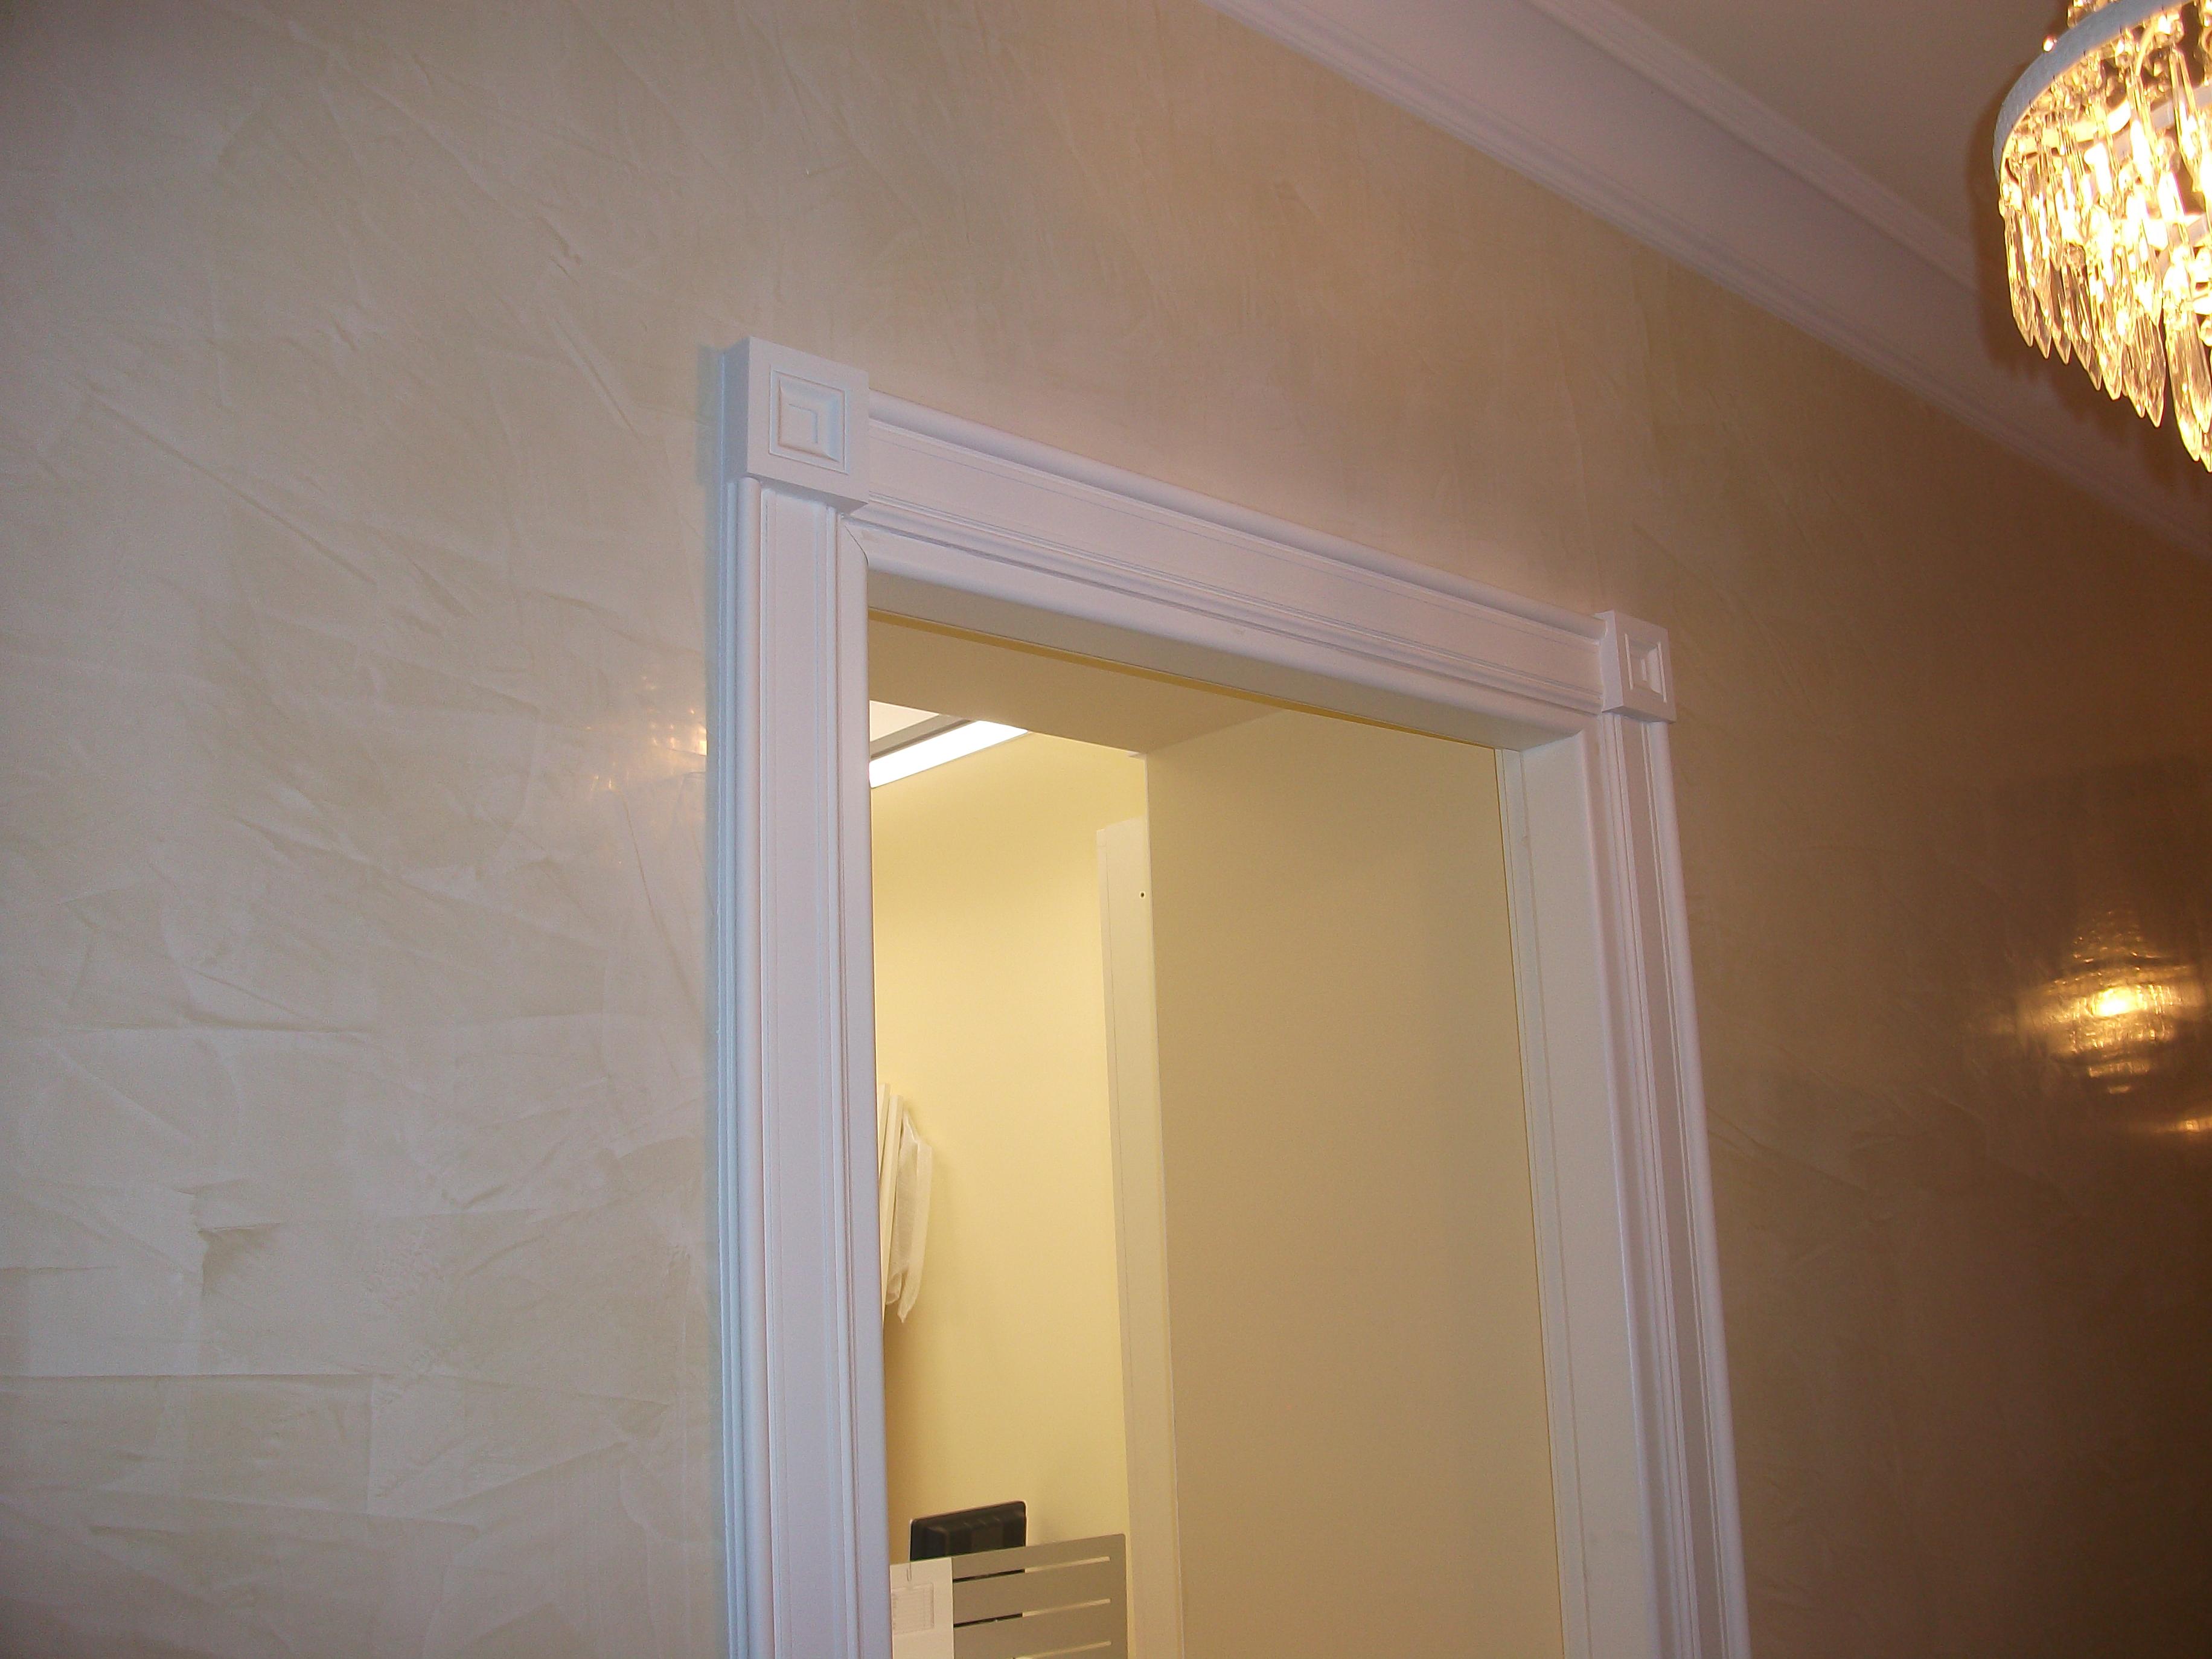 Cornici in gesso per porte interne pannelli termoisolanti for Rivestimento pareti interne polistirolo